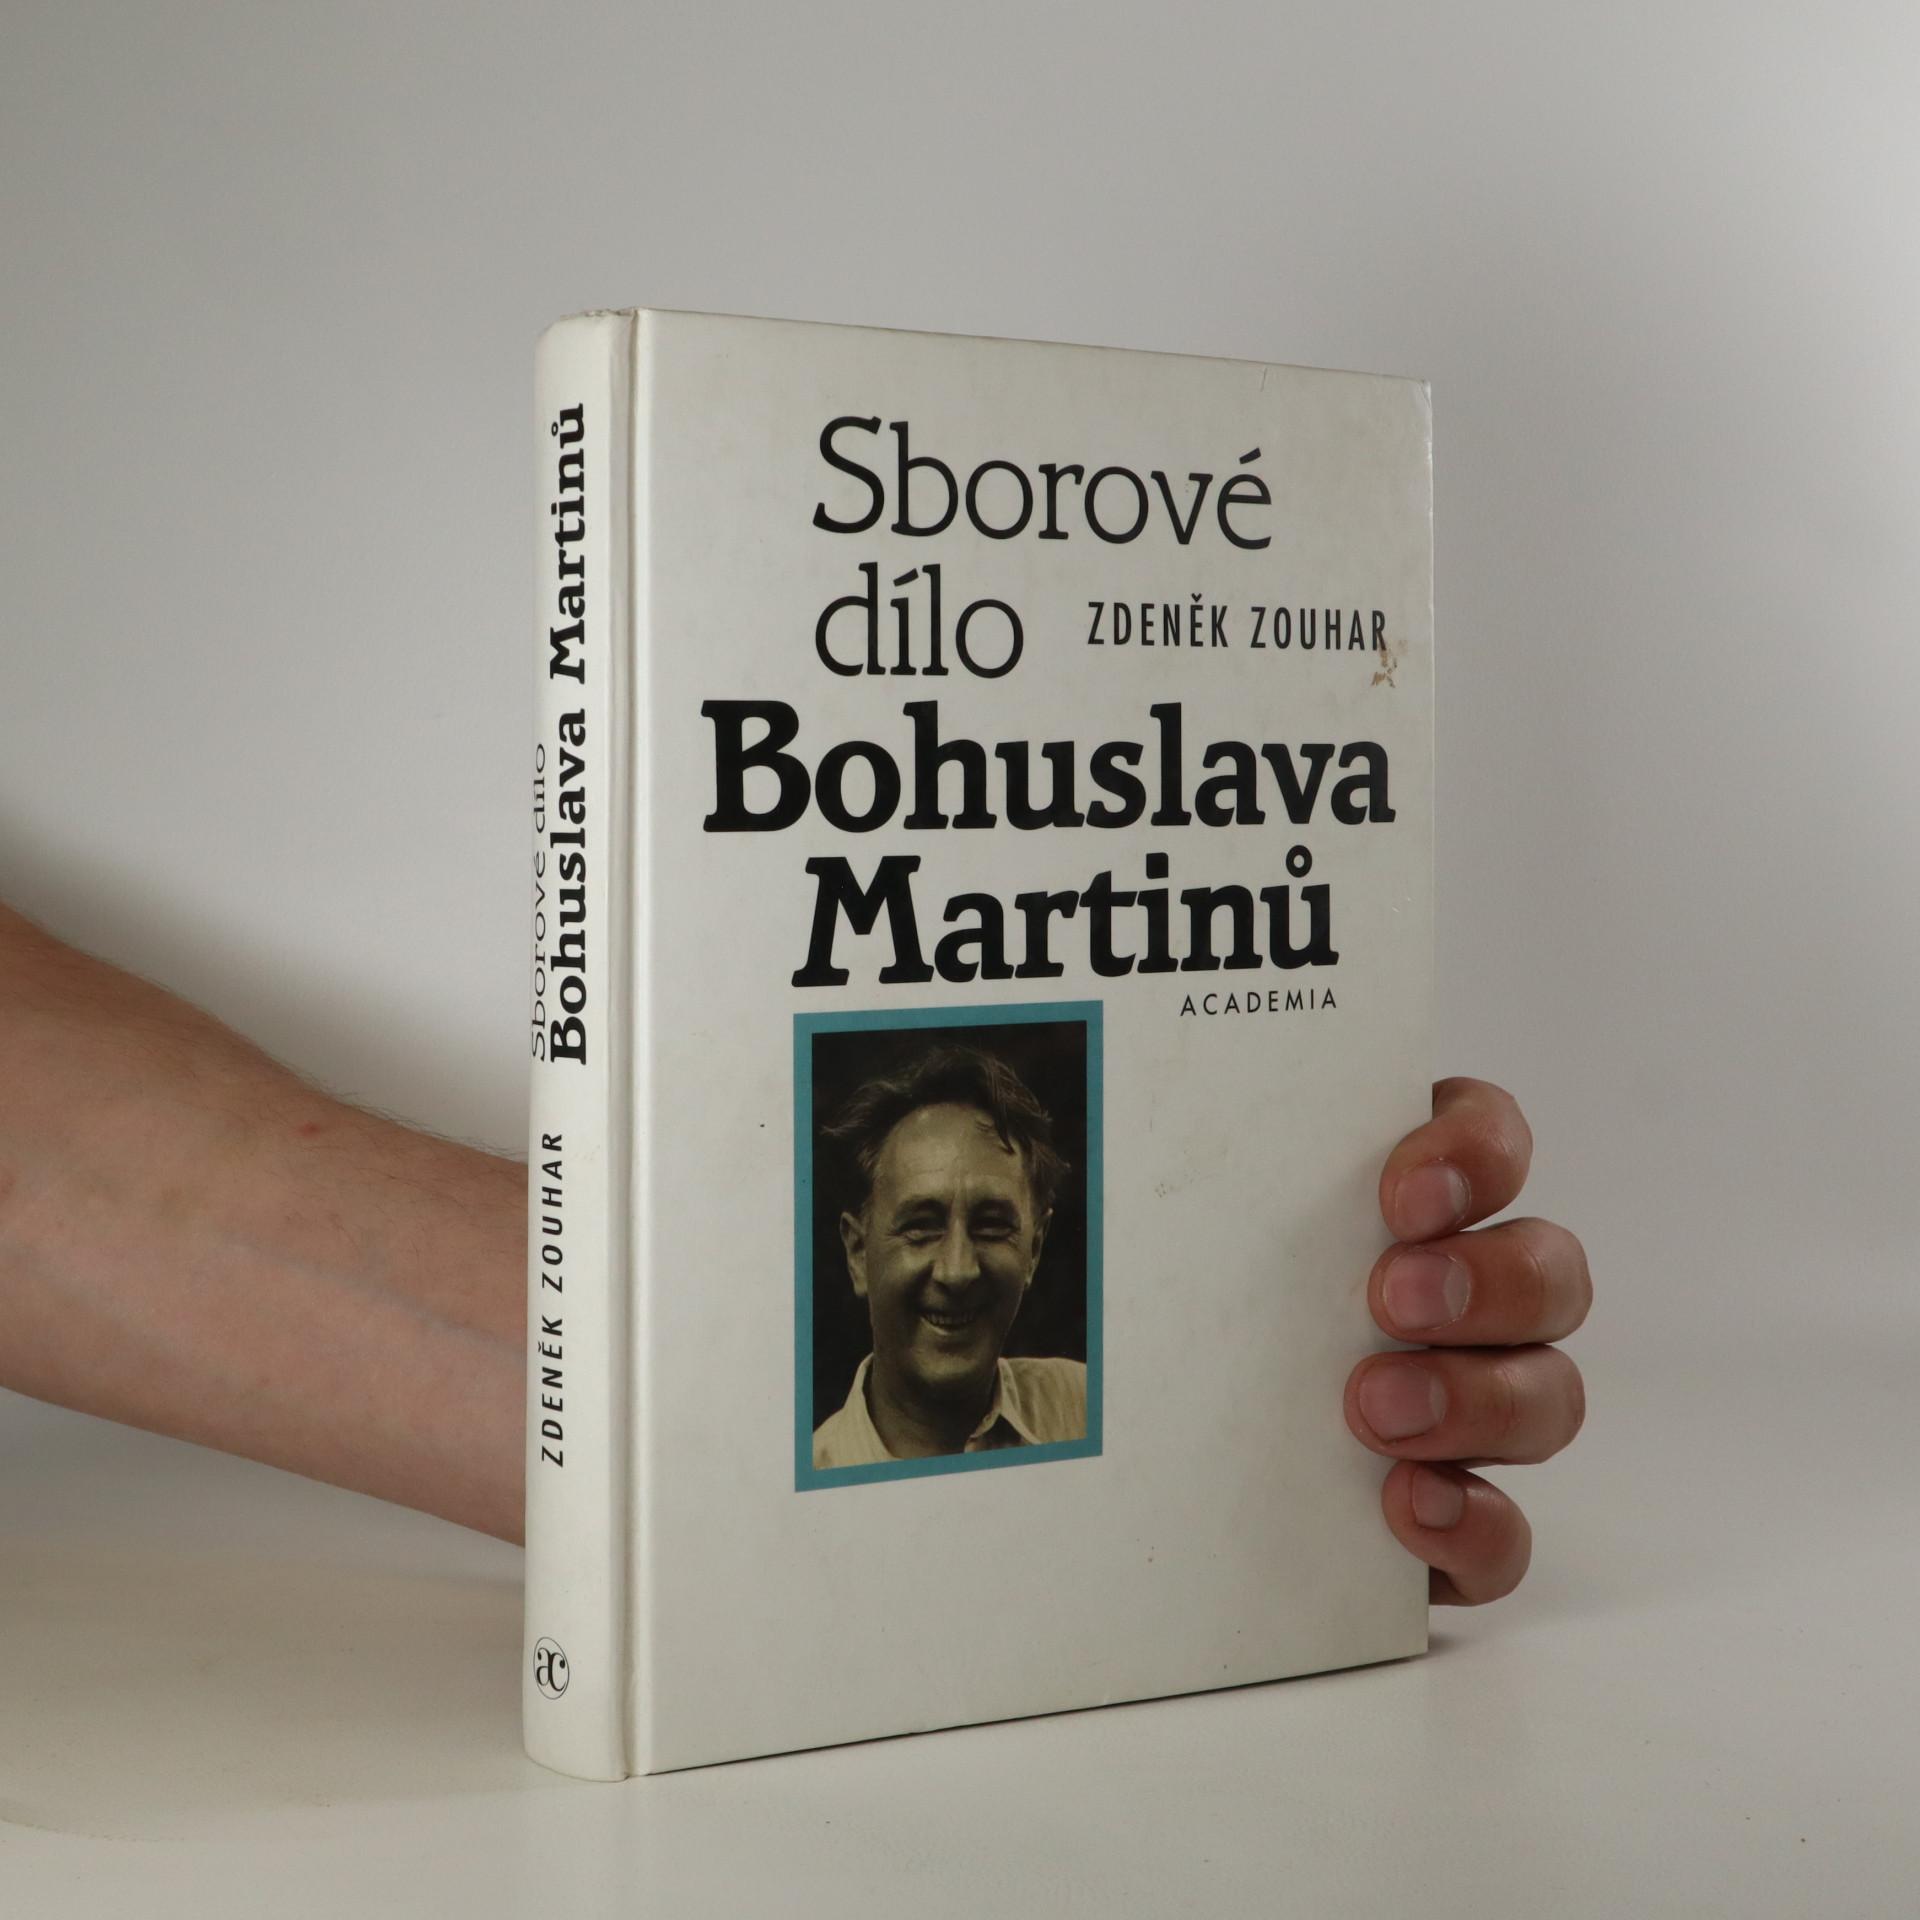 antikvární kniha Sborové dílo Bohuslava Martinů, 2001